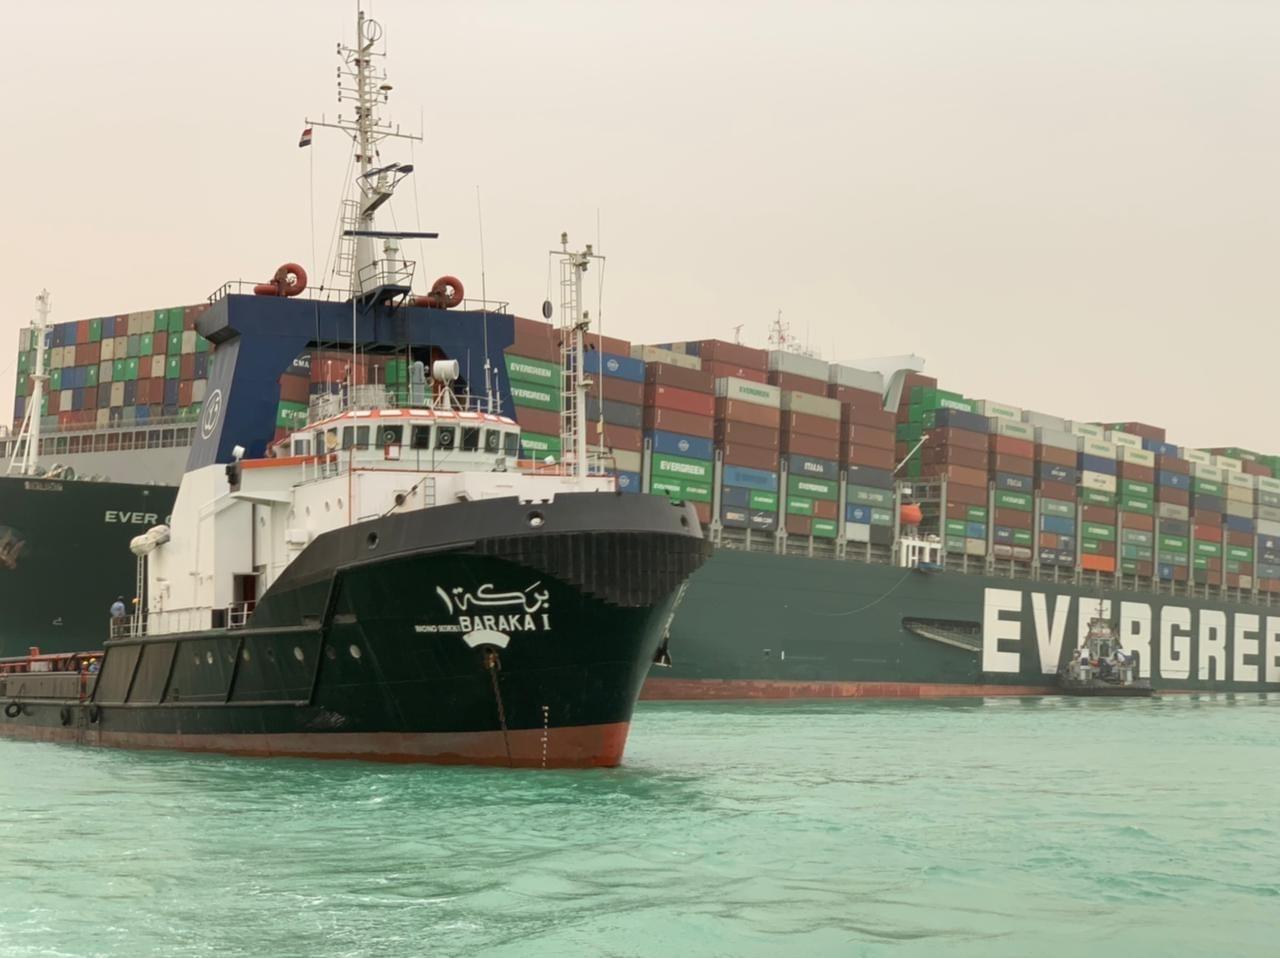 一重型货船搁浅致埃及苏伊士运河新航道发生拥堵